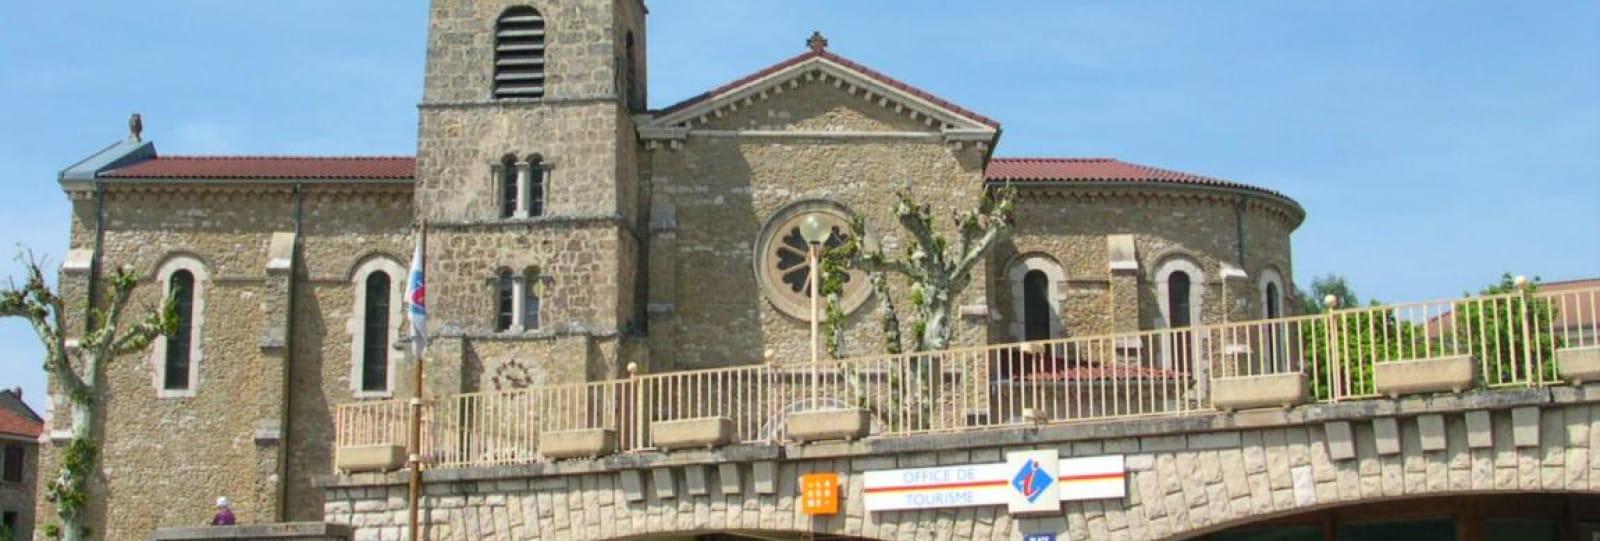 Office de Tourisme Vercors Drôme - Accueil de la Chapelle en Vercors